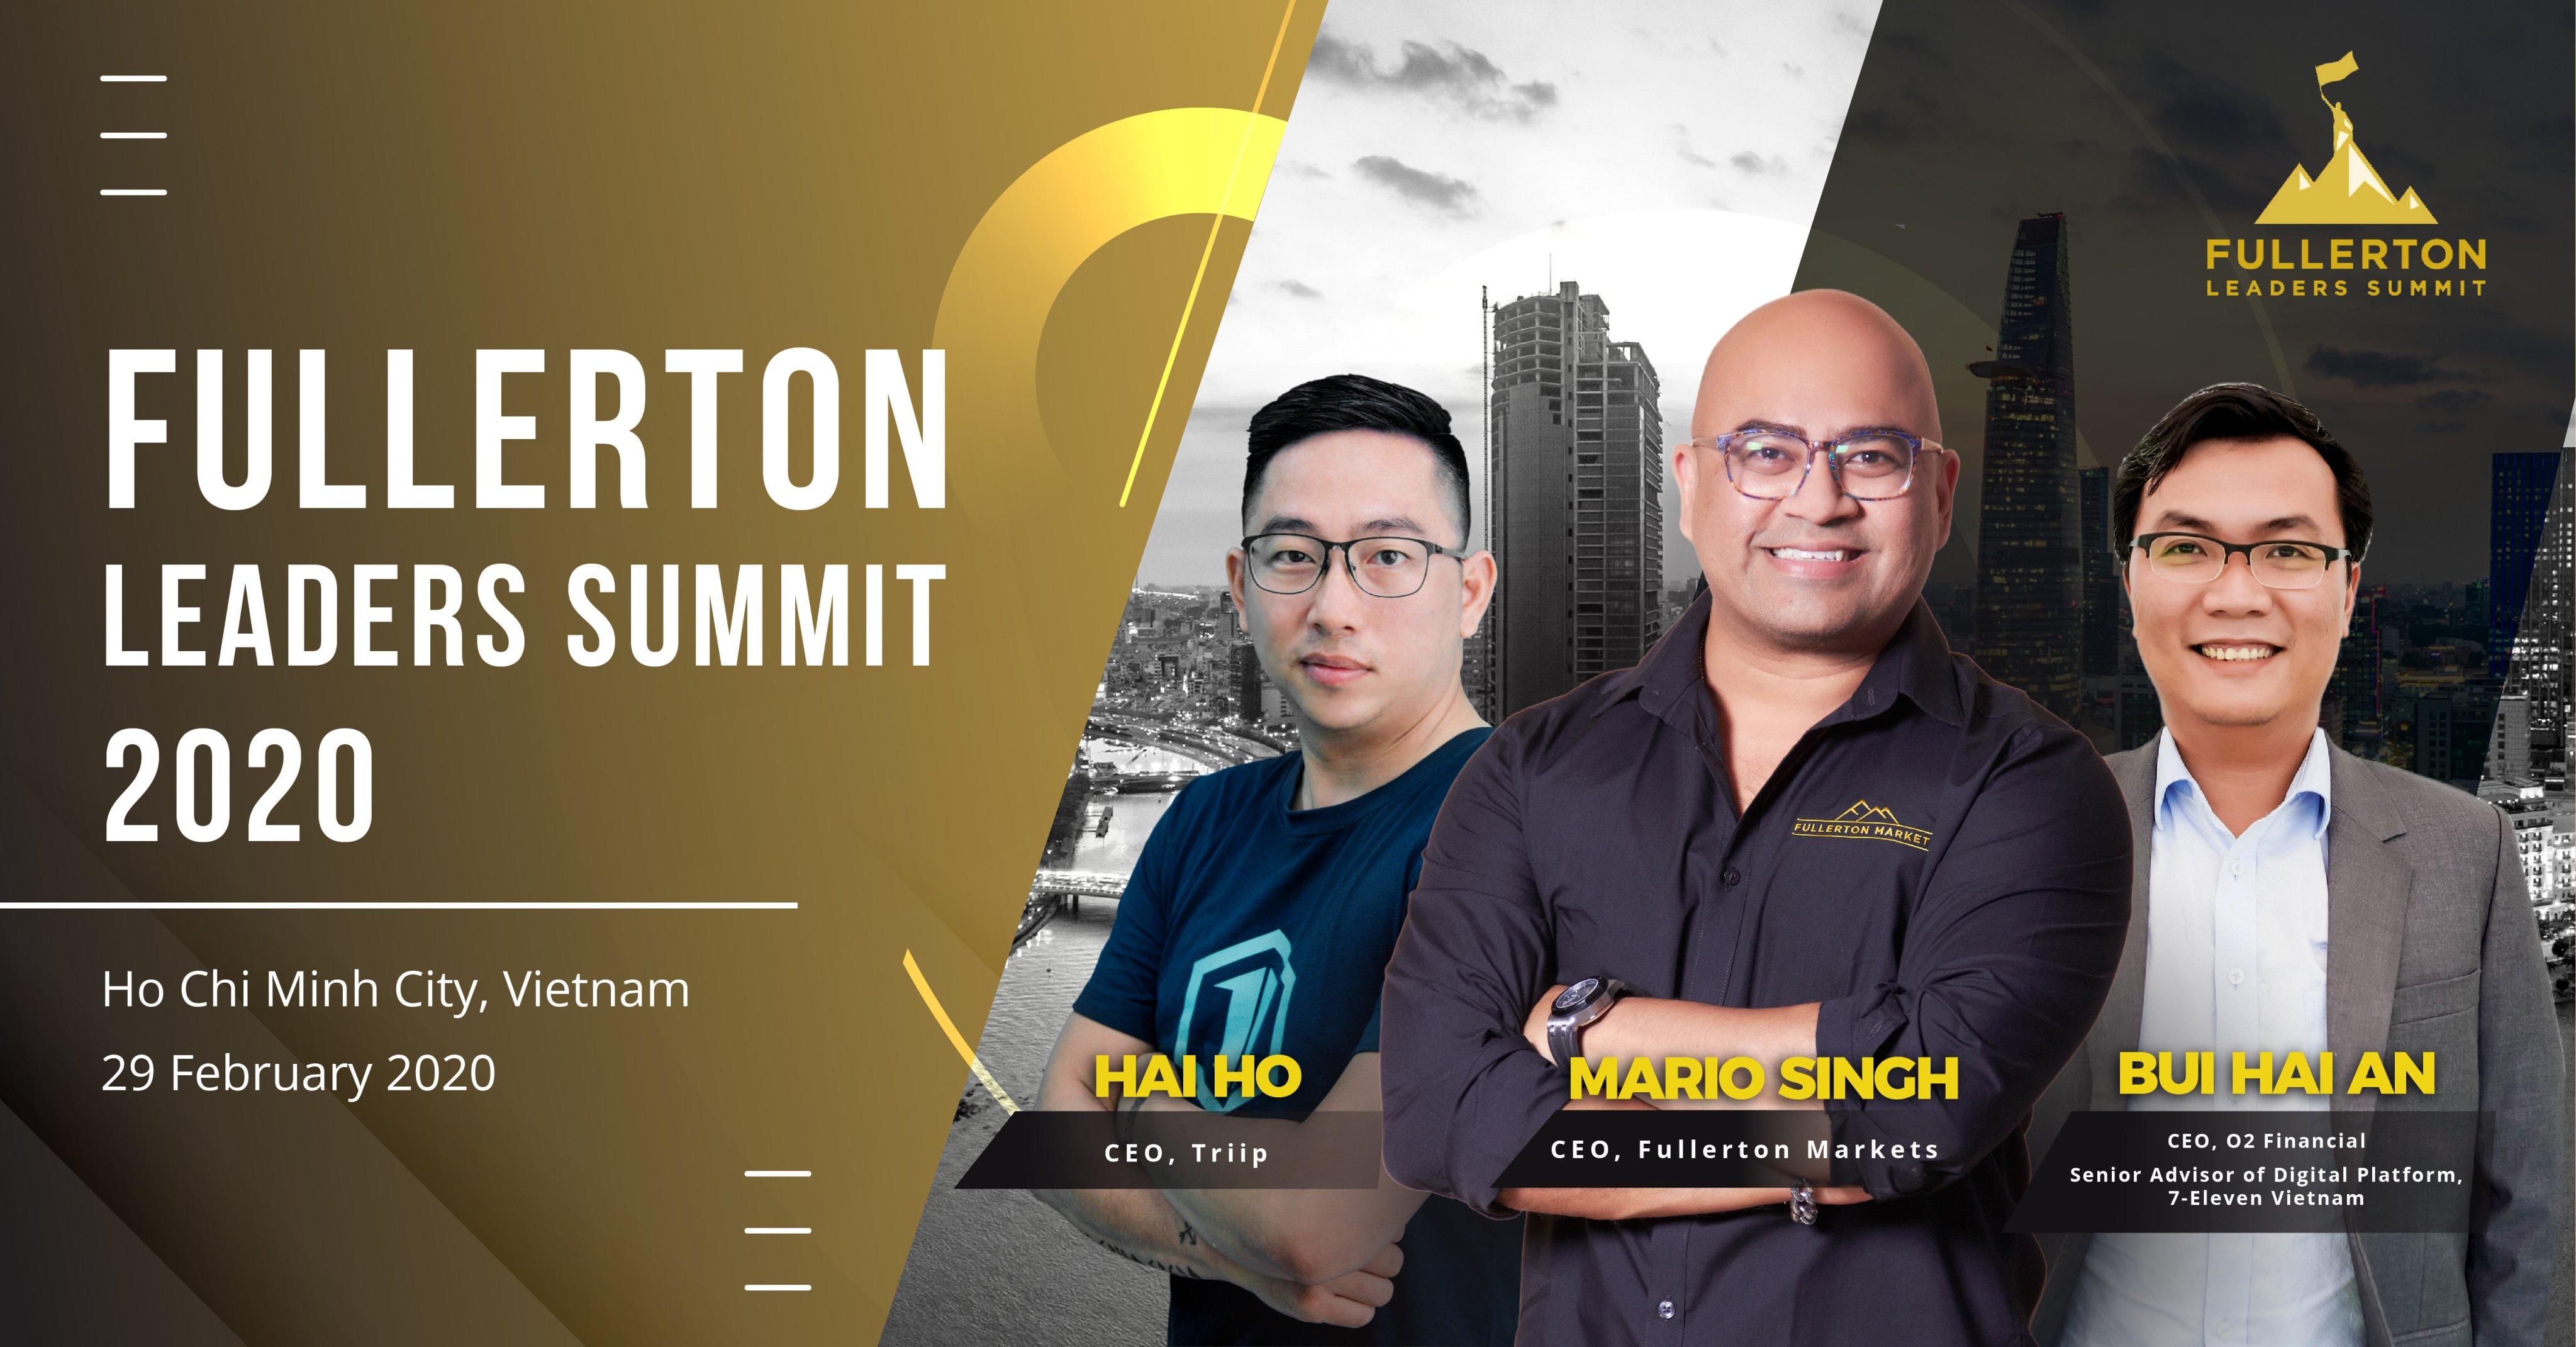 Hội nghị thượng đỉnh các nhà lãnh đạo Fullerton 2020 lần đầu tiên tổ chức tại thành phố Hồ Chí Minh - Ảnh 1